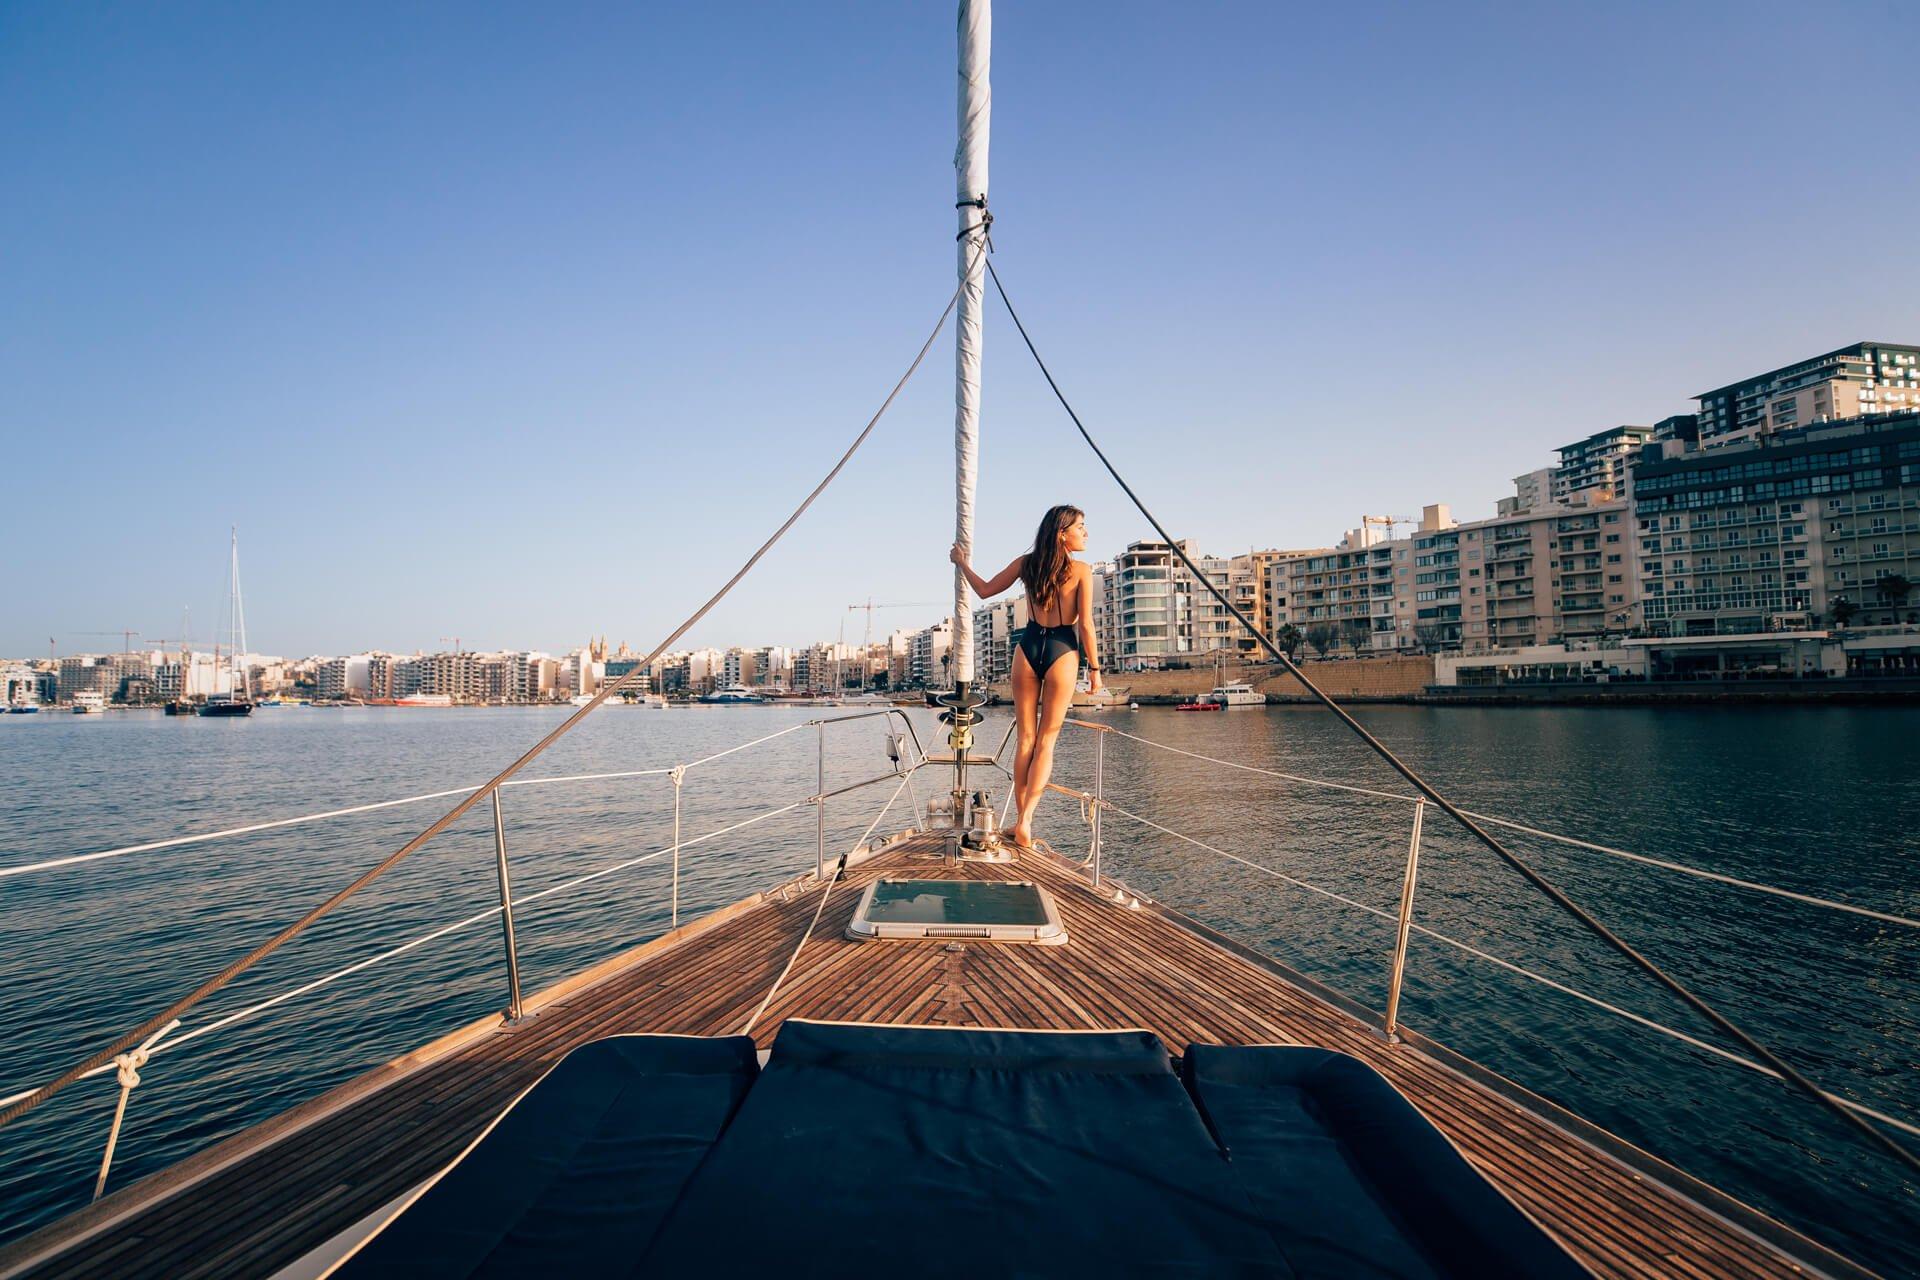 Model on yacht off Silema, Malta